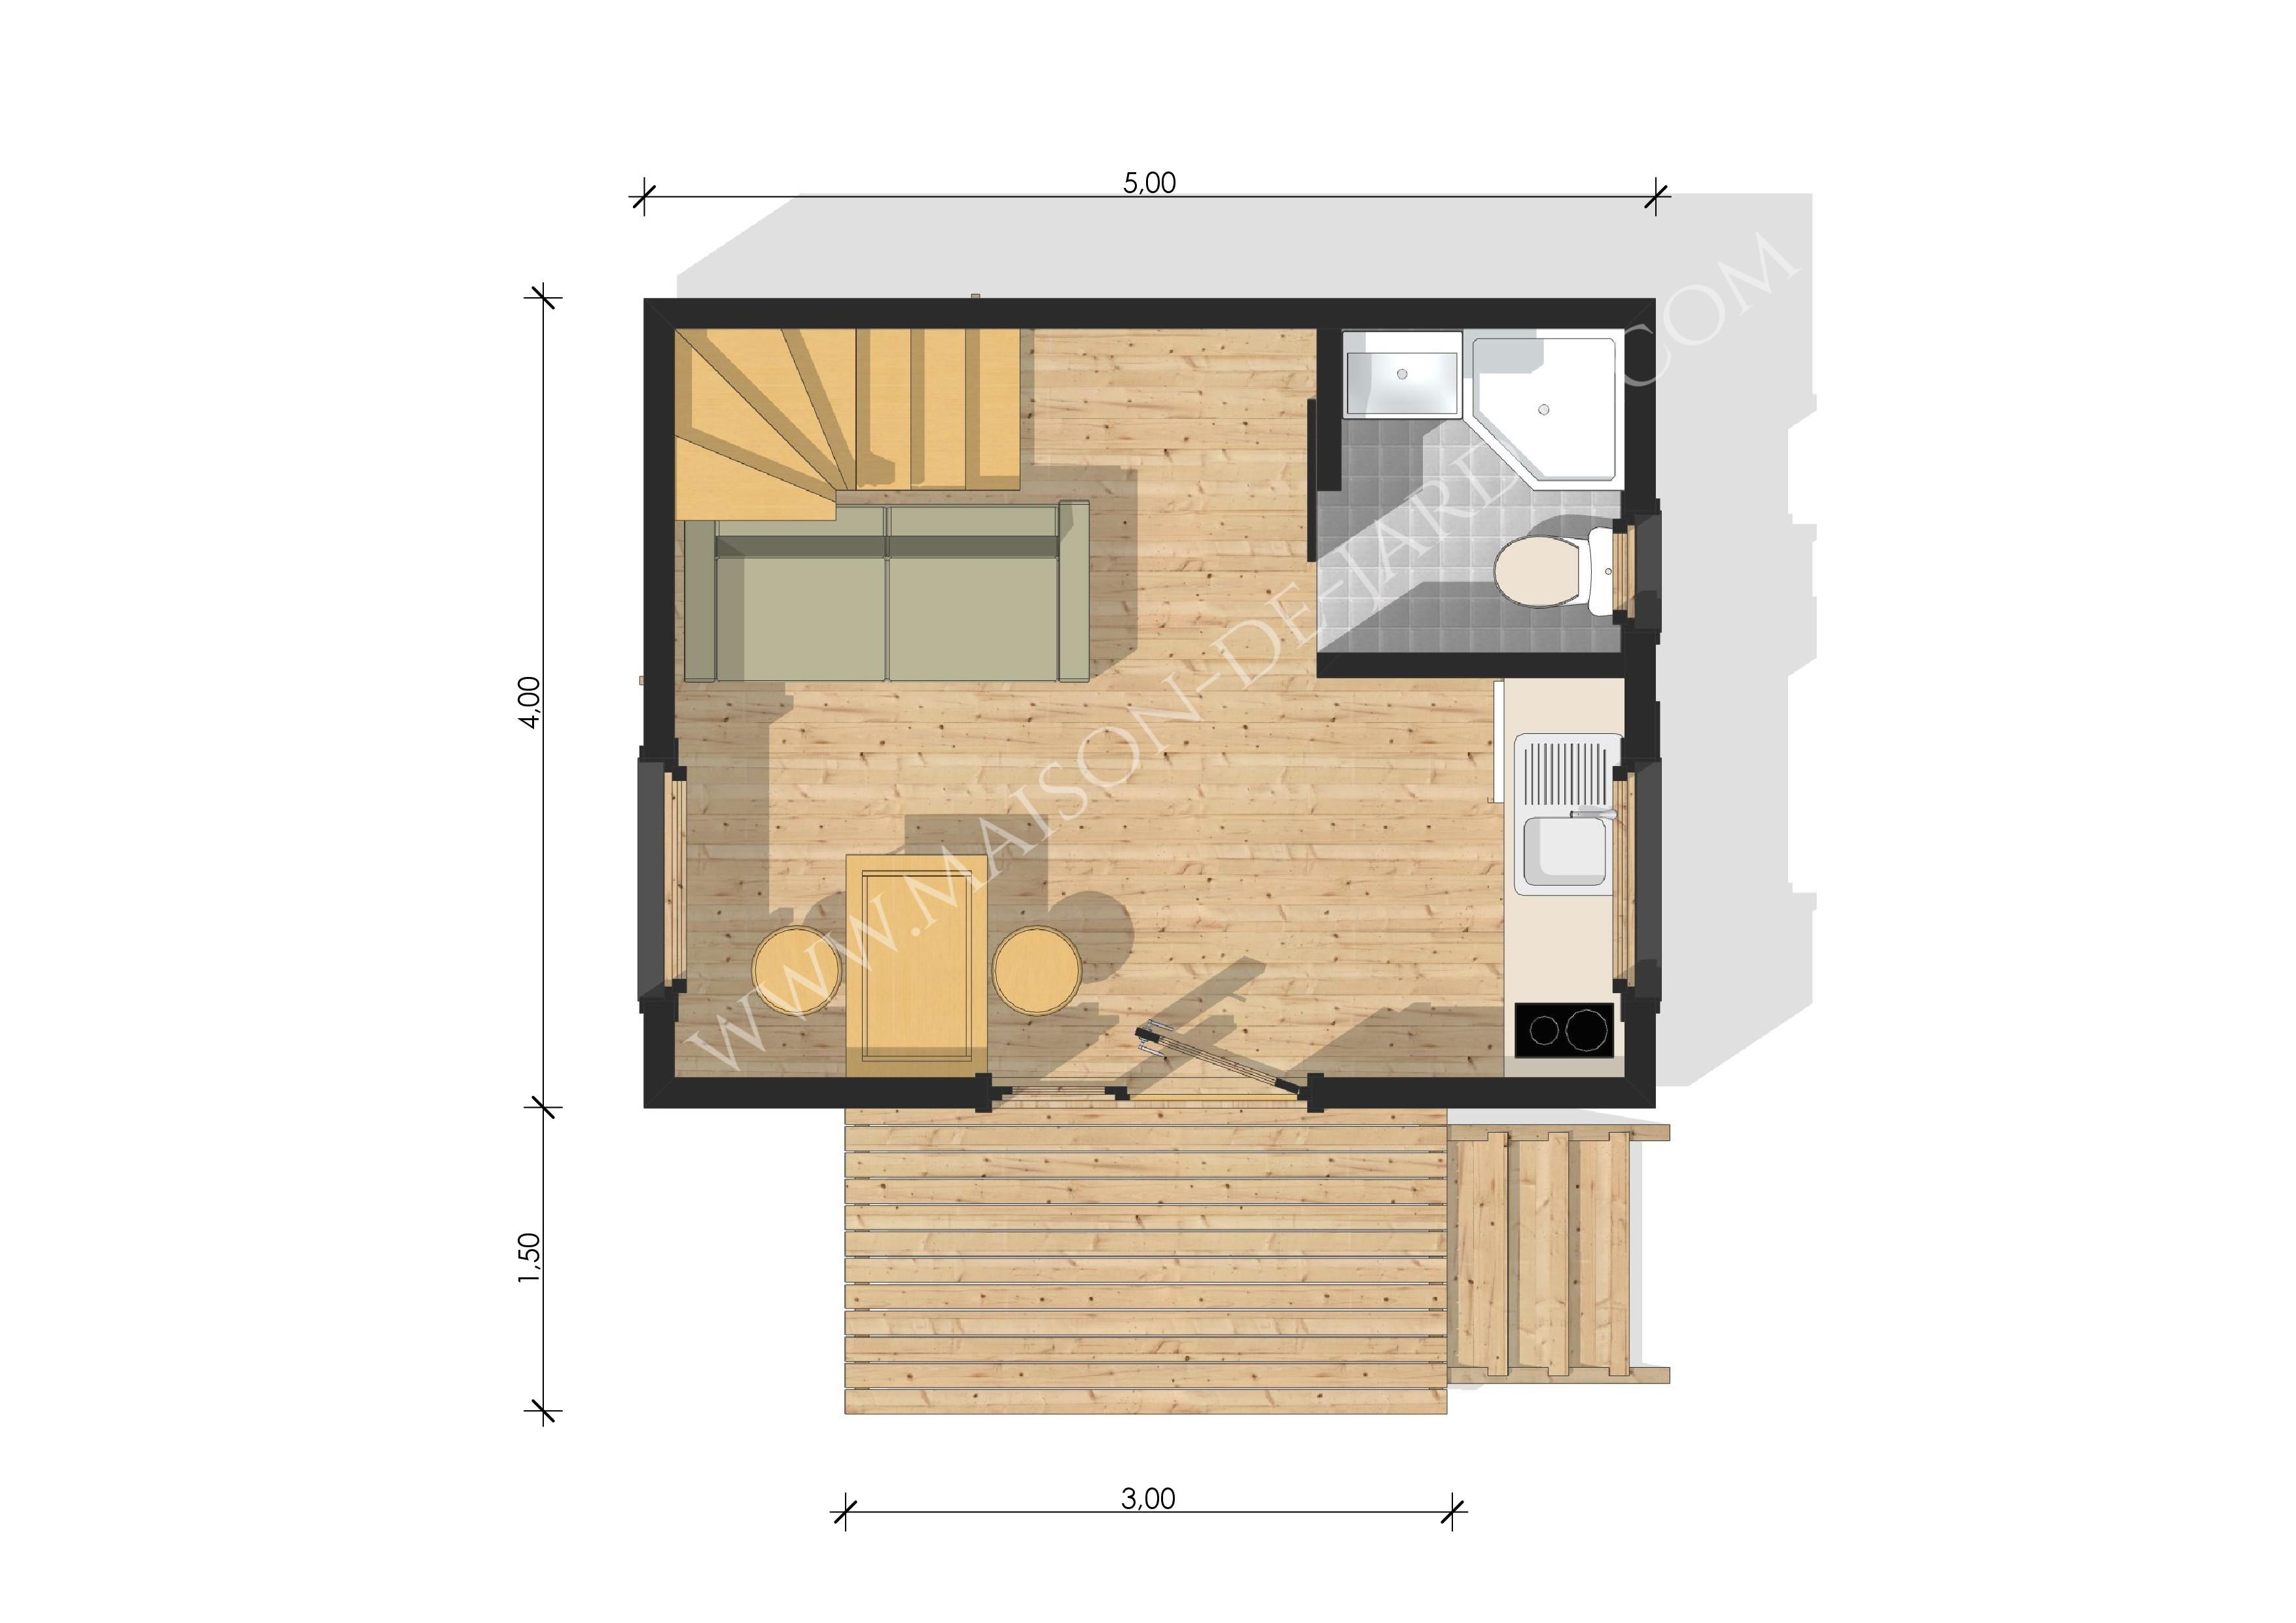 Maison de jardin montpellier en bois en kit - Maison jardin condominium montpellier ...